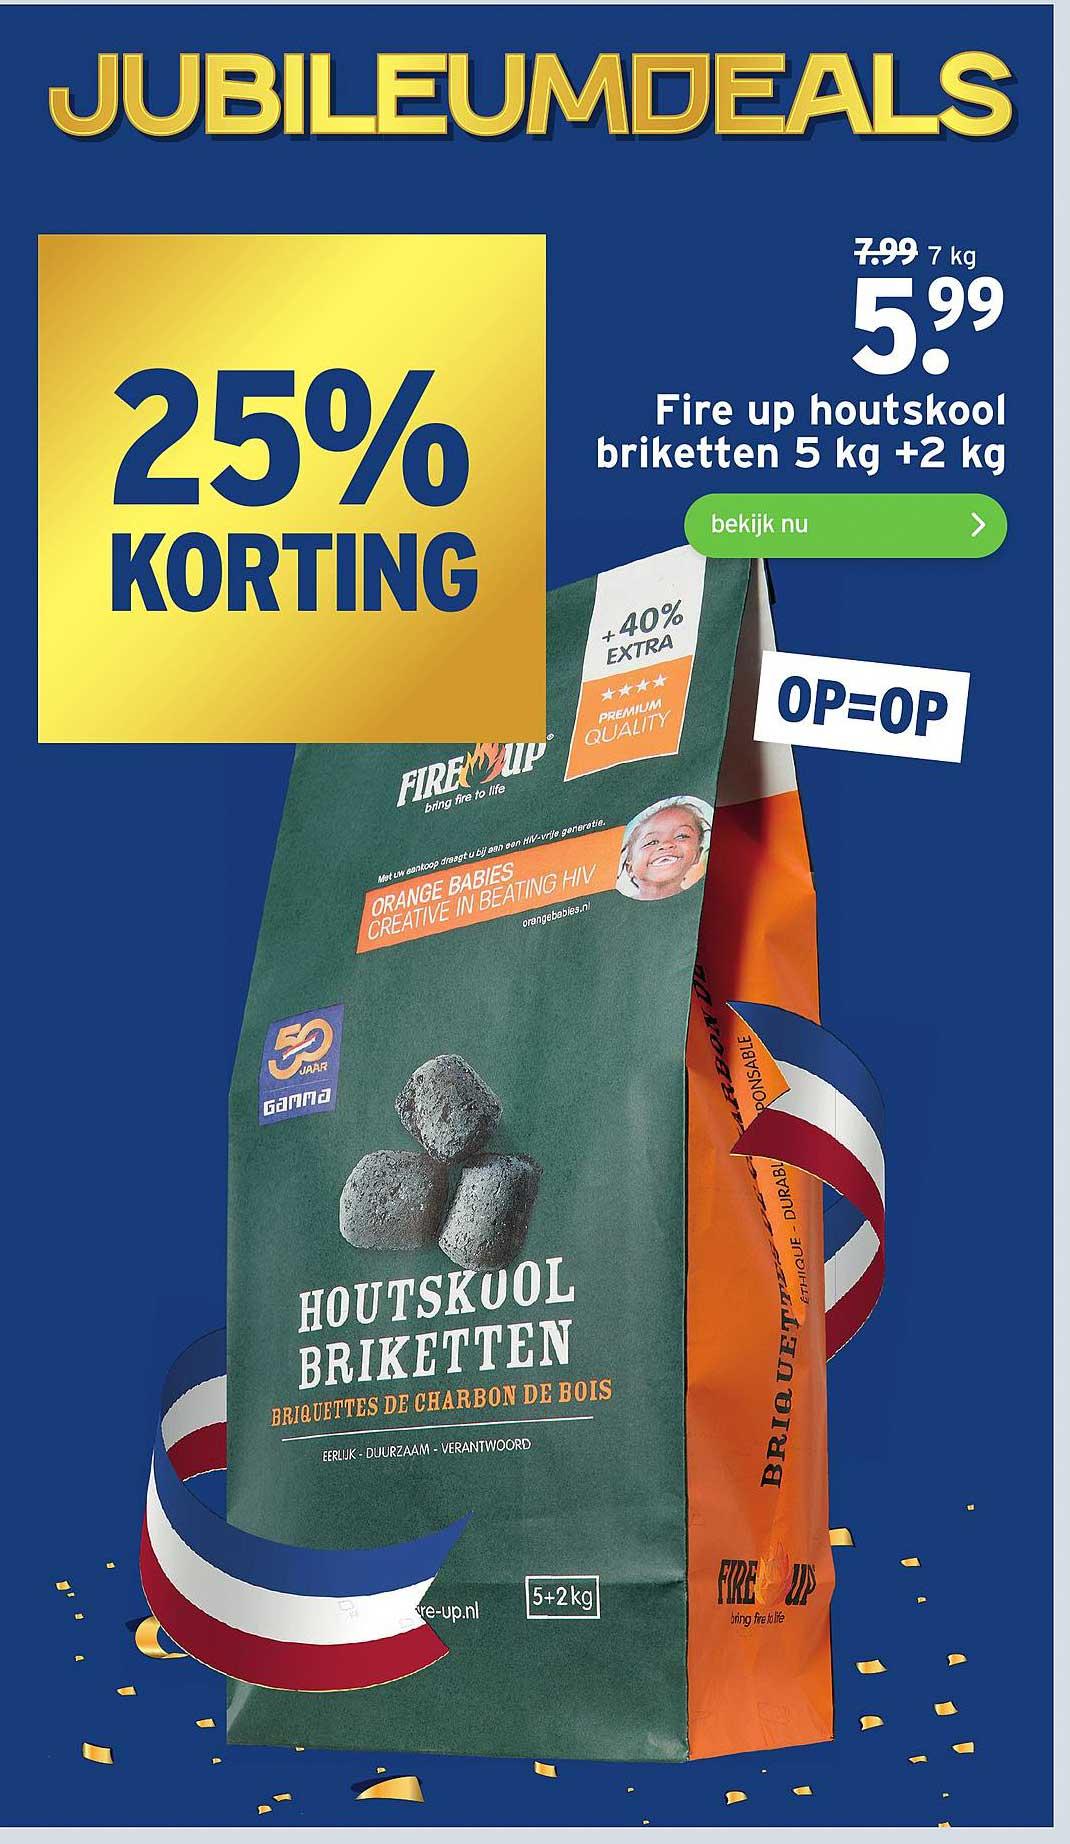 Gamma Fire Up Houtskool Briketten 5 Kg +2 Kg 25% Korting